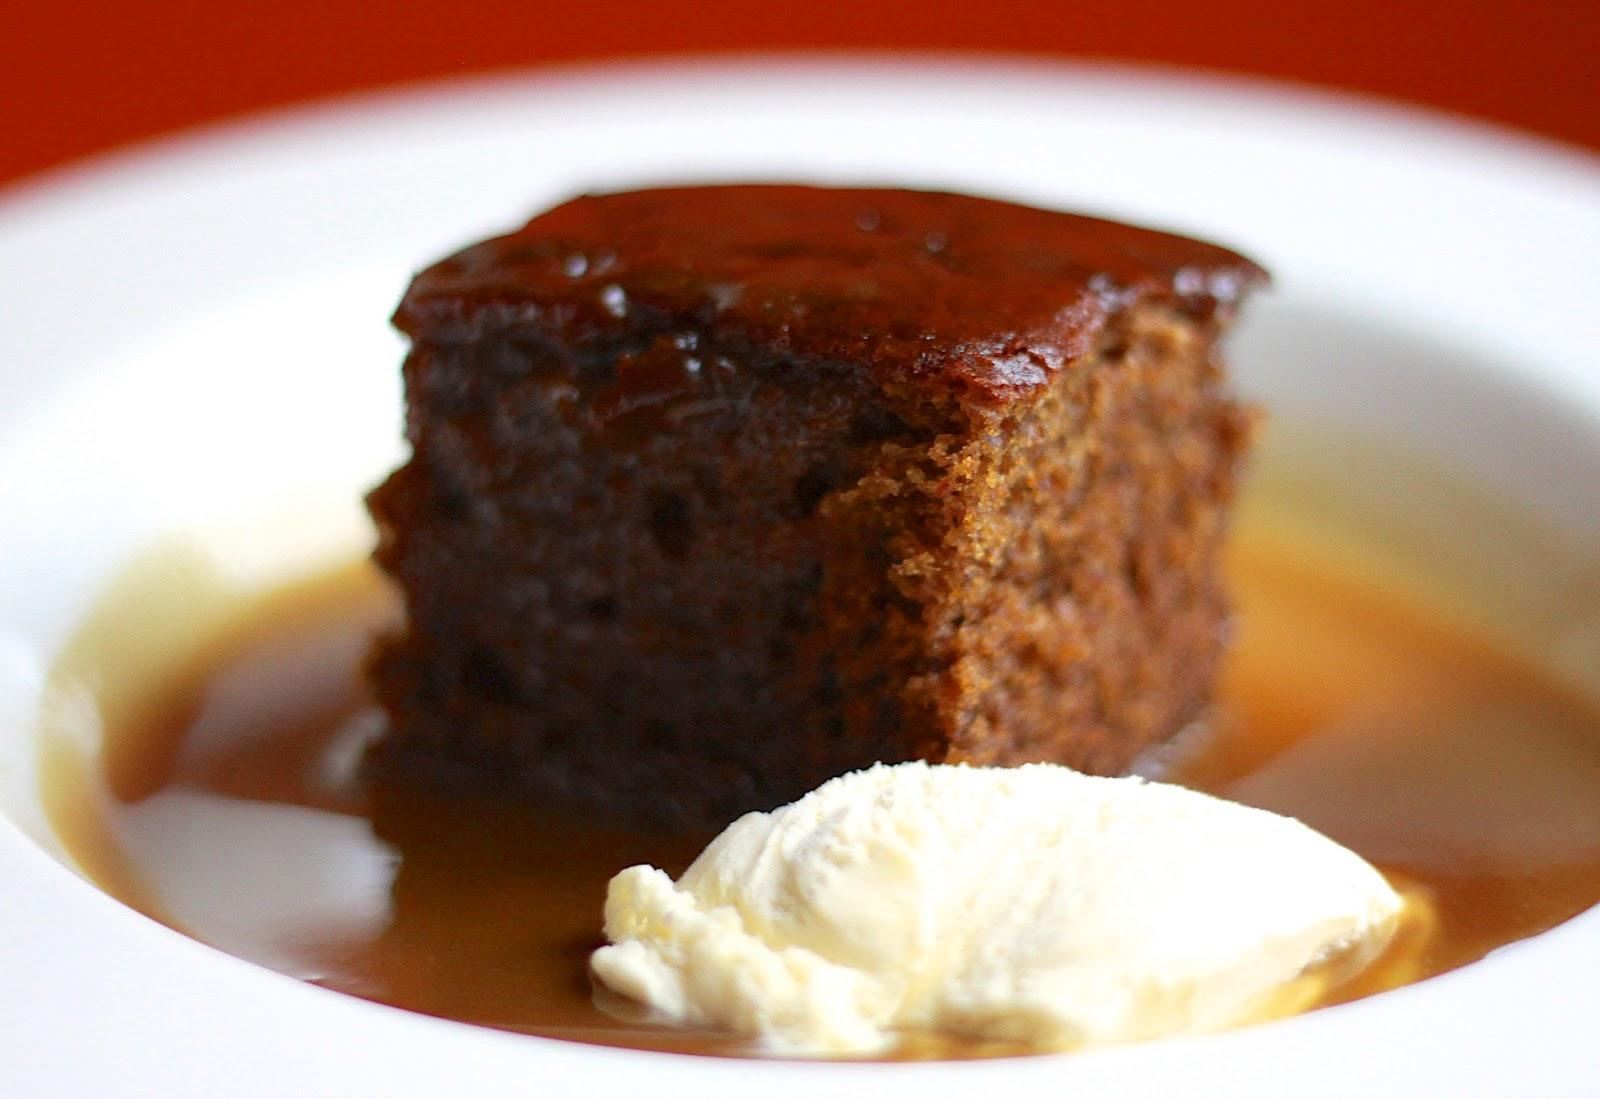 Dokładka: Sticky toffee pudding czyli daktylowe ciasto z polewą ...